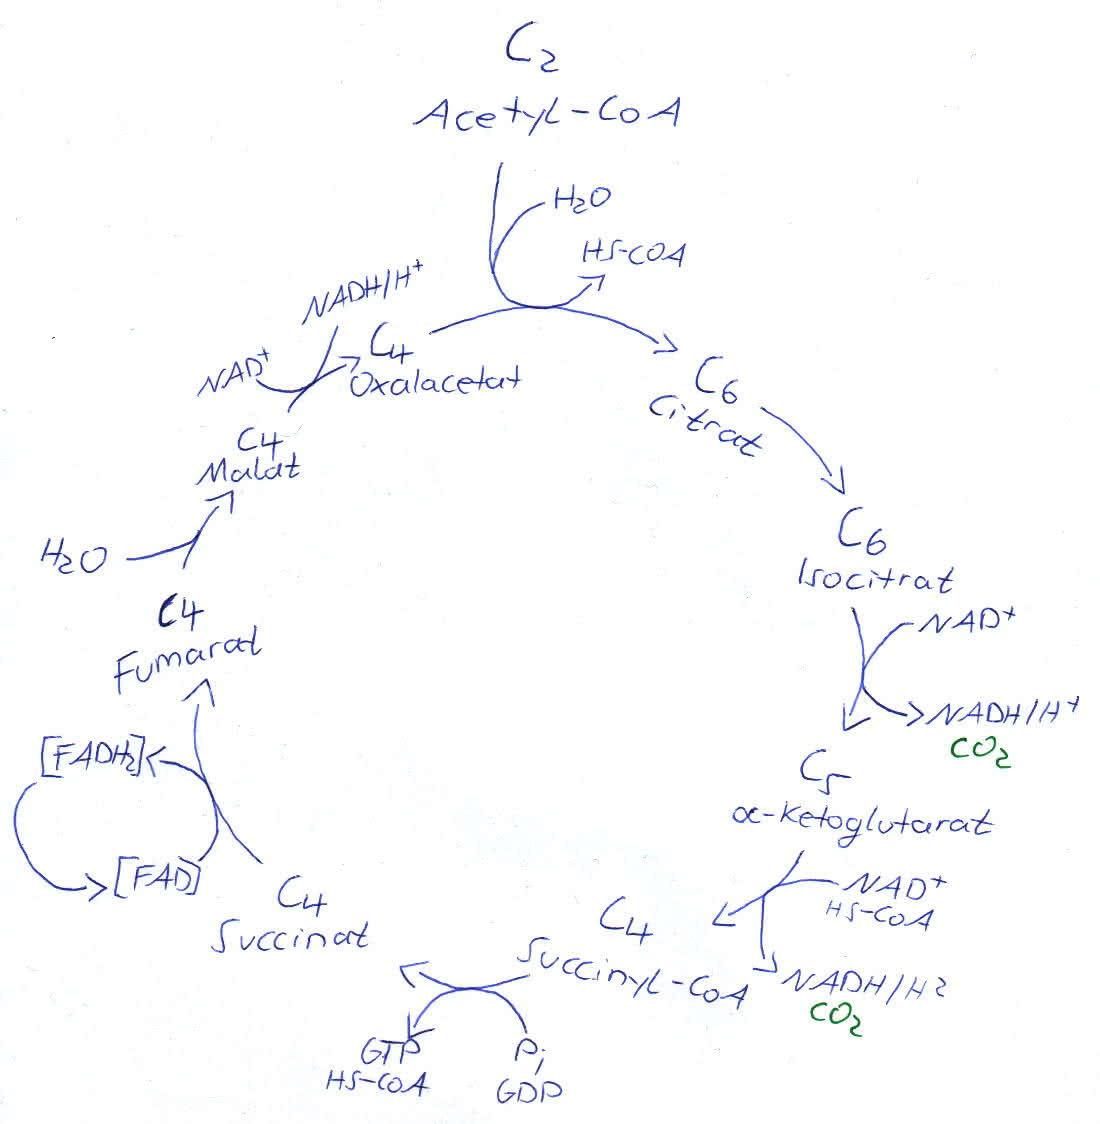 Stoffwechsel: Die Zellatmung